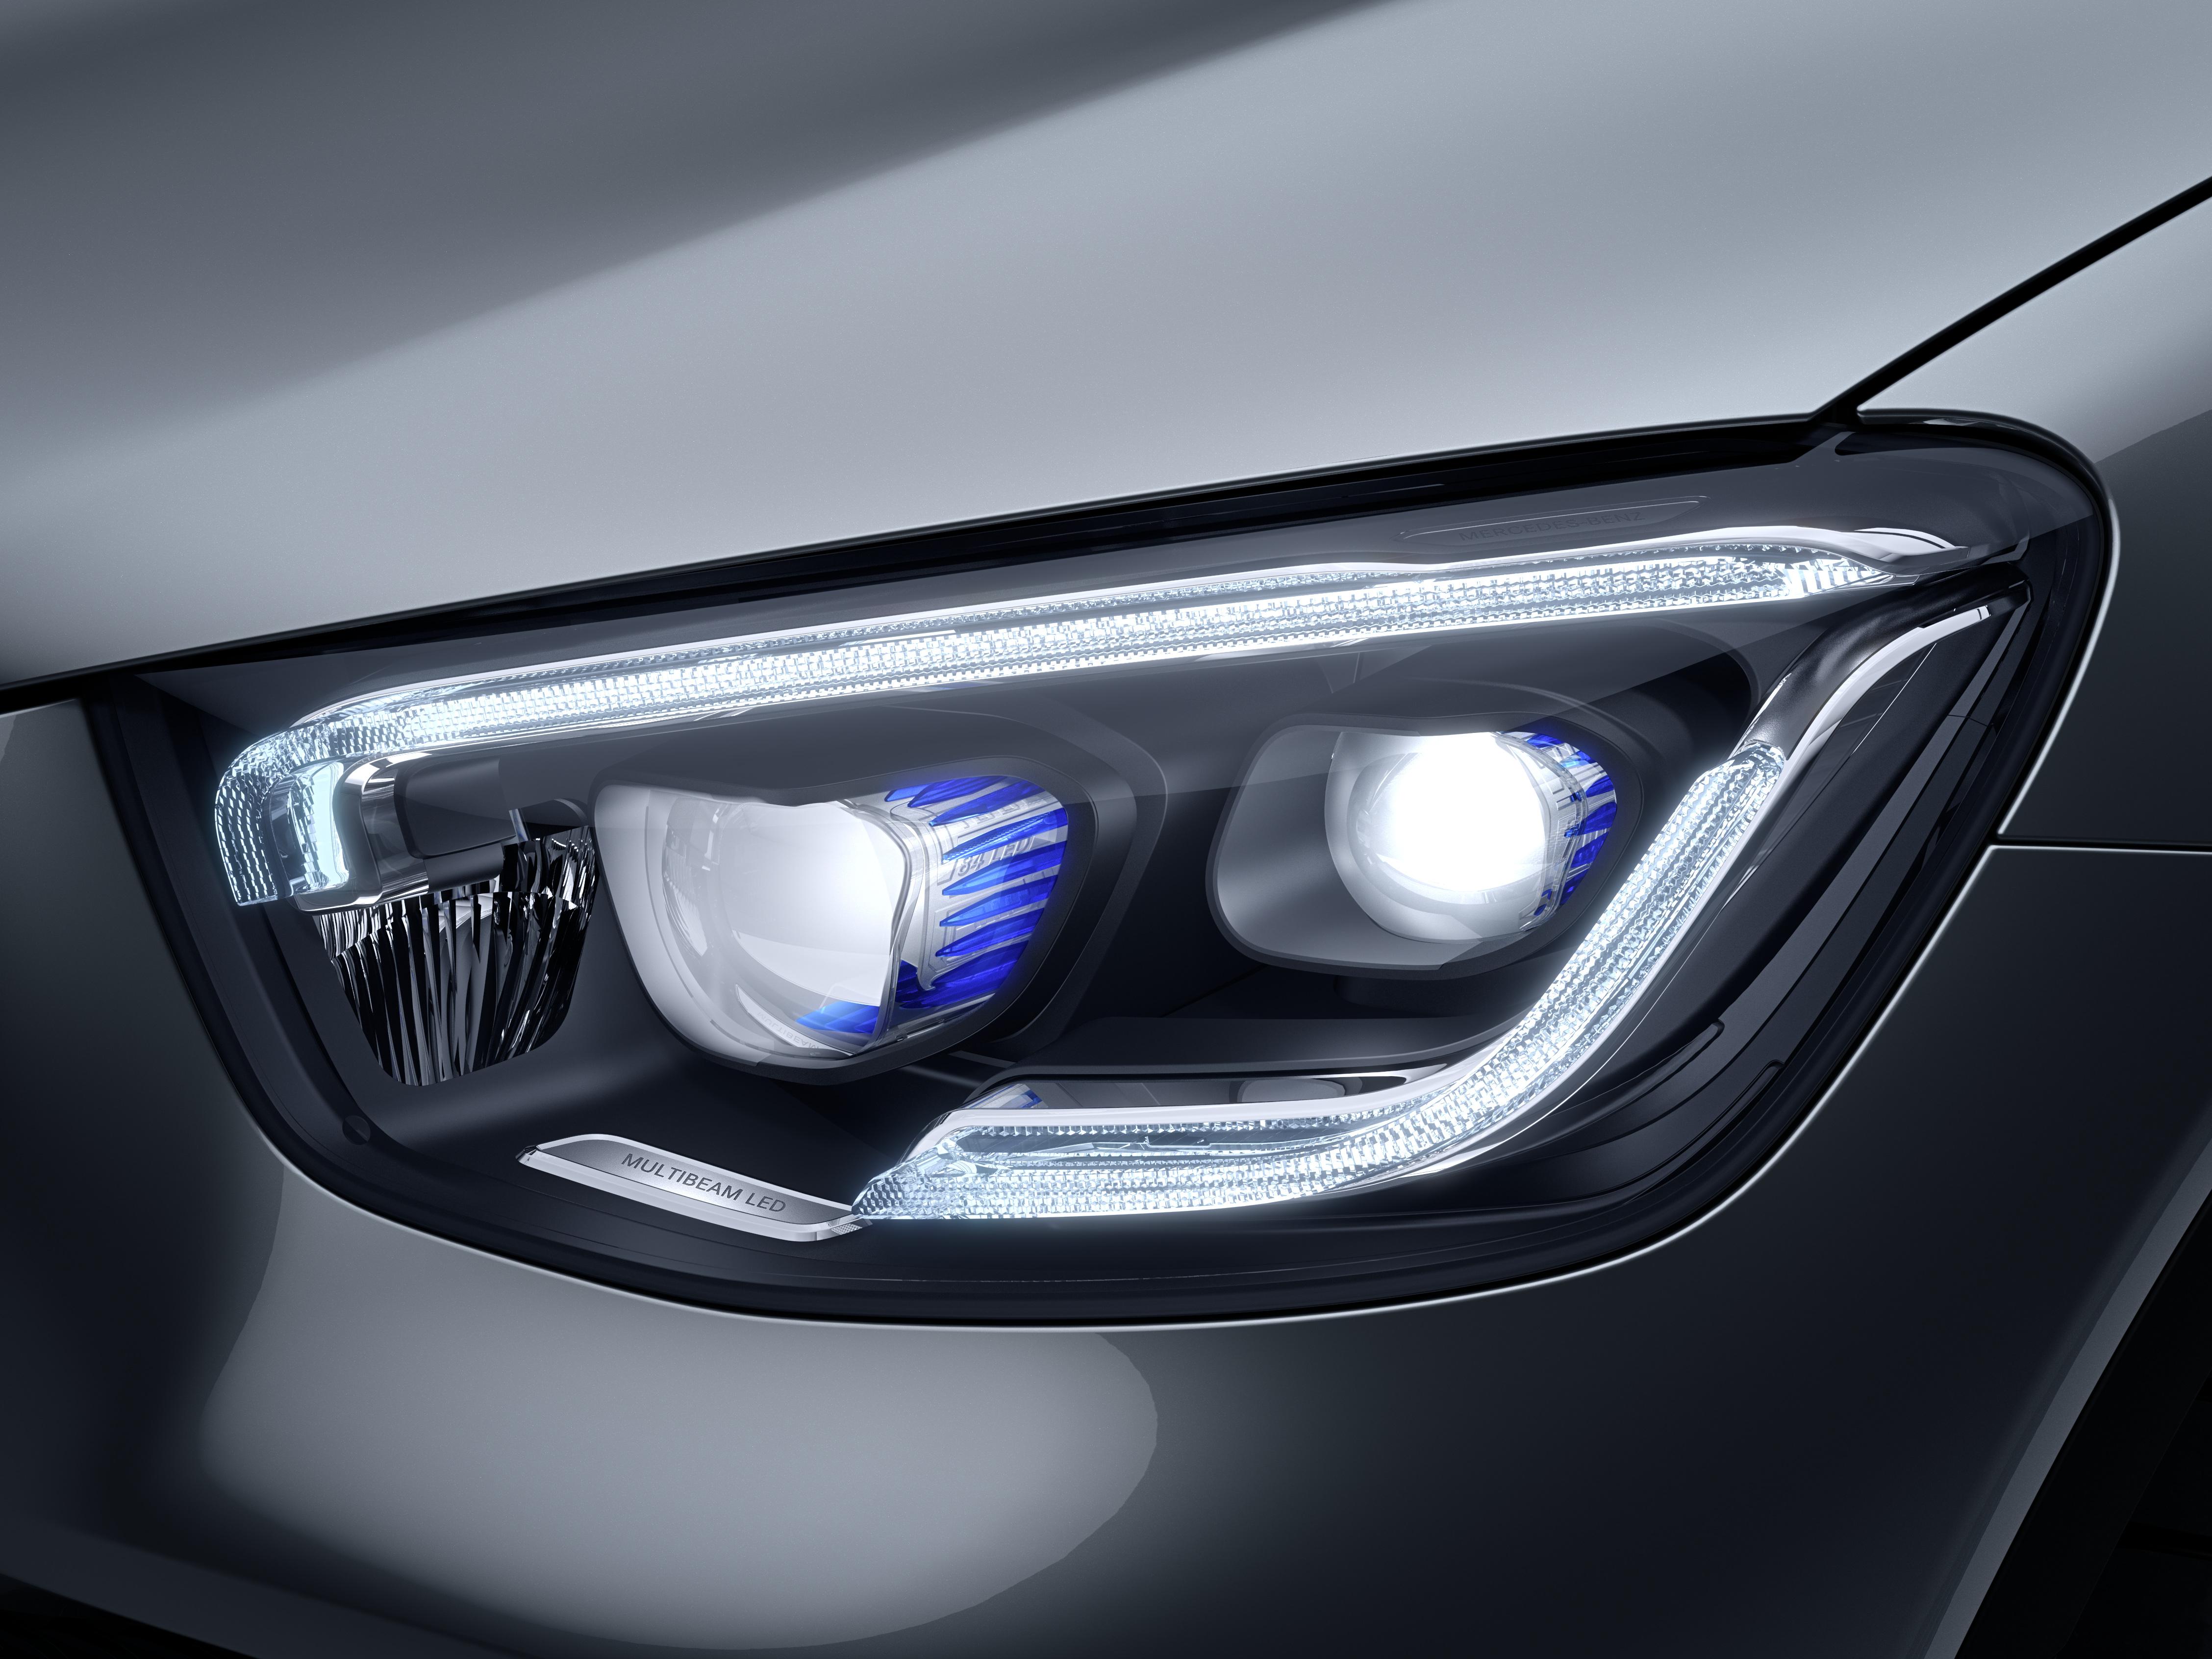 Phares de la Mercedes GLC Coupé - Finition AMG Line Plus